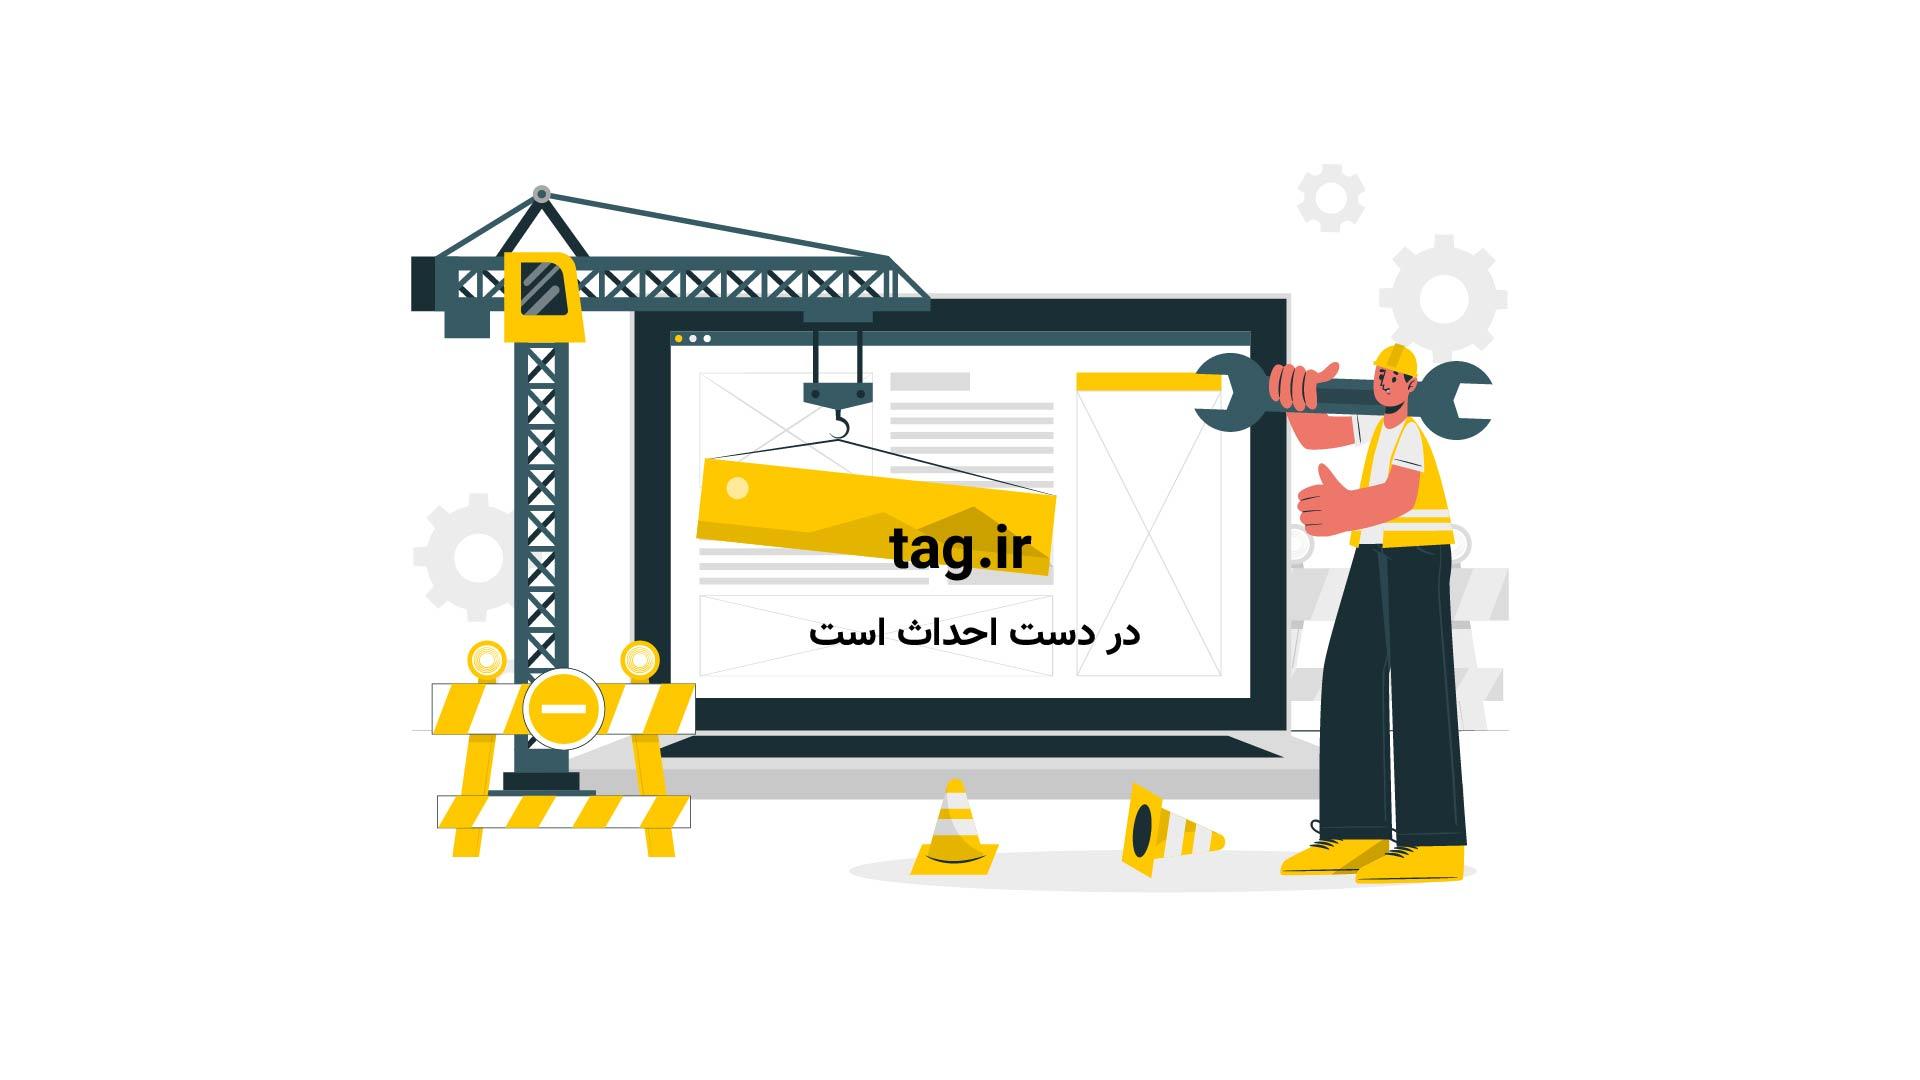 تفاهم نامه ایران و سوئیس برای ساخت دارو ضد سرطان | فیلم